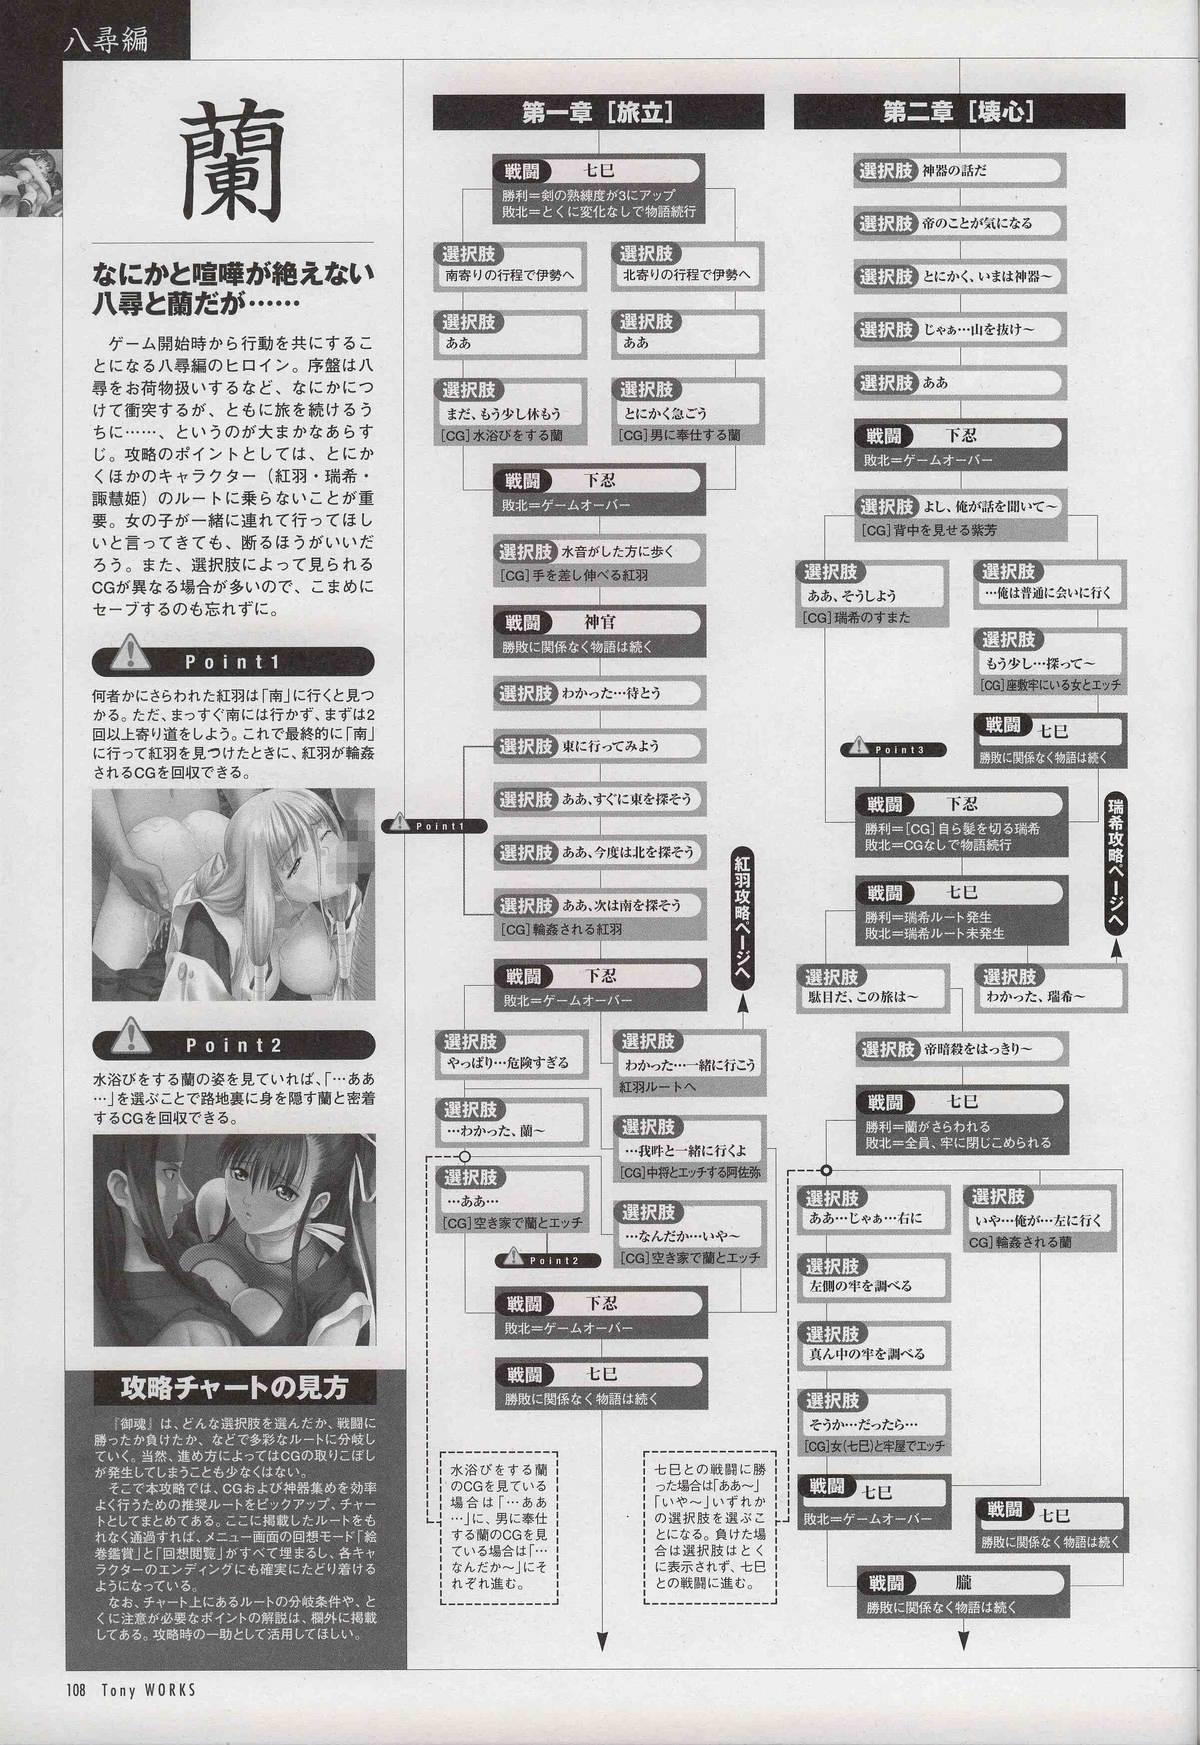 御魂~忍~×ARCANA~光と闇のエクスタシス~二作品原画 112